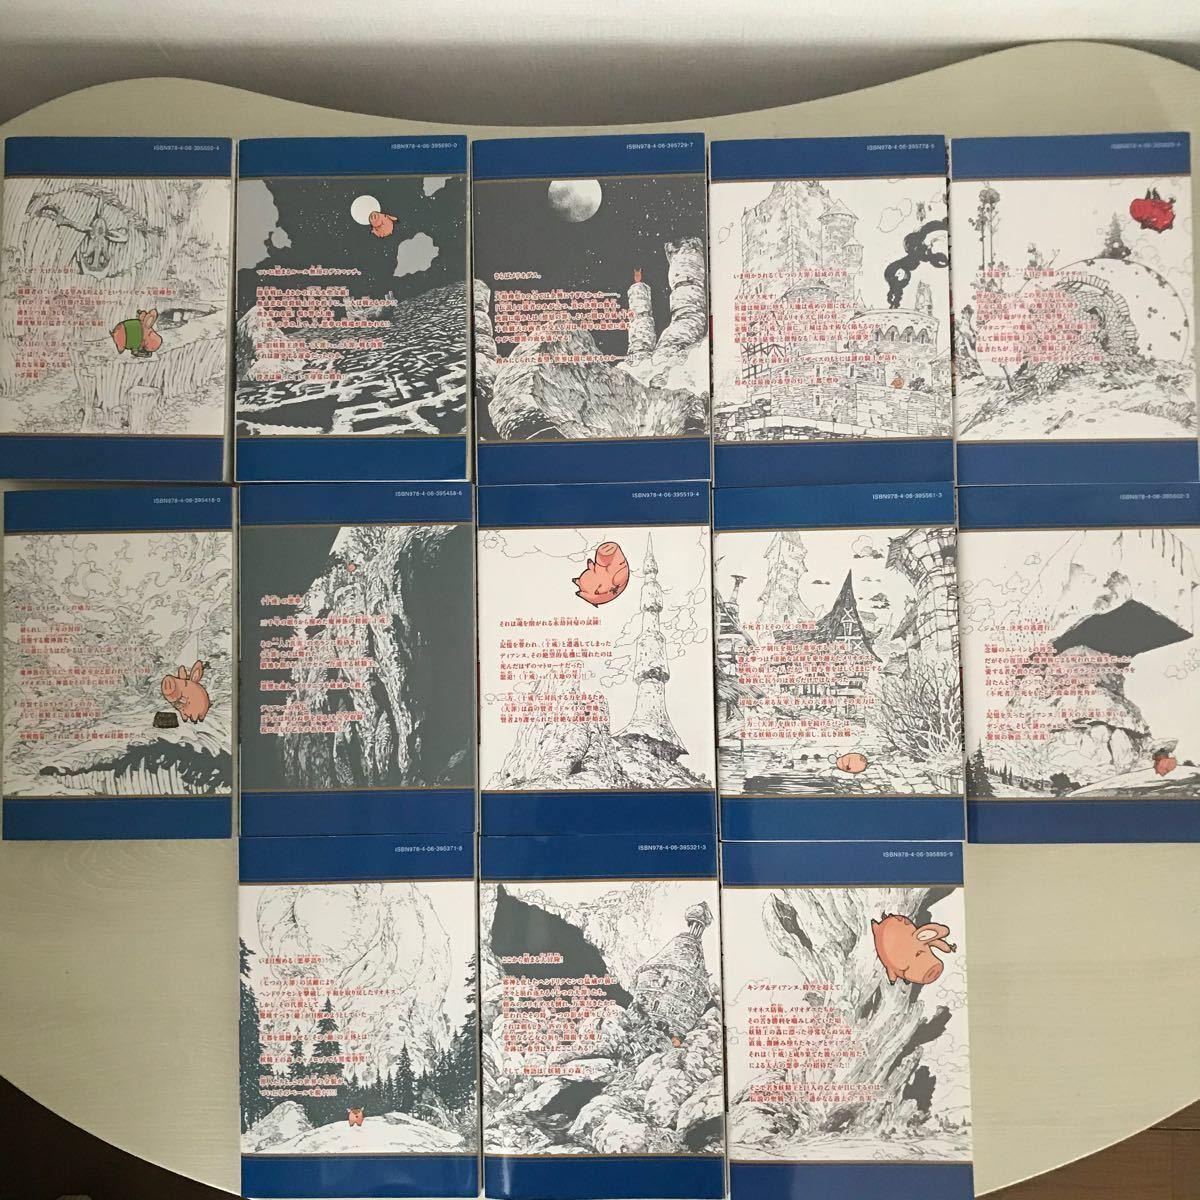 漫画 半端 まとめ売り 七つの大罪 ONE PIECE トリコ 25冊セット コミック漫画 鈴木央 ワンピース マンガ